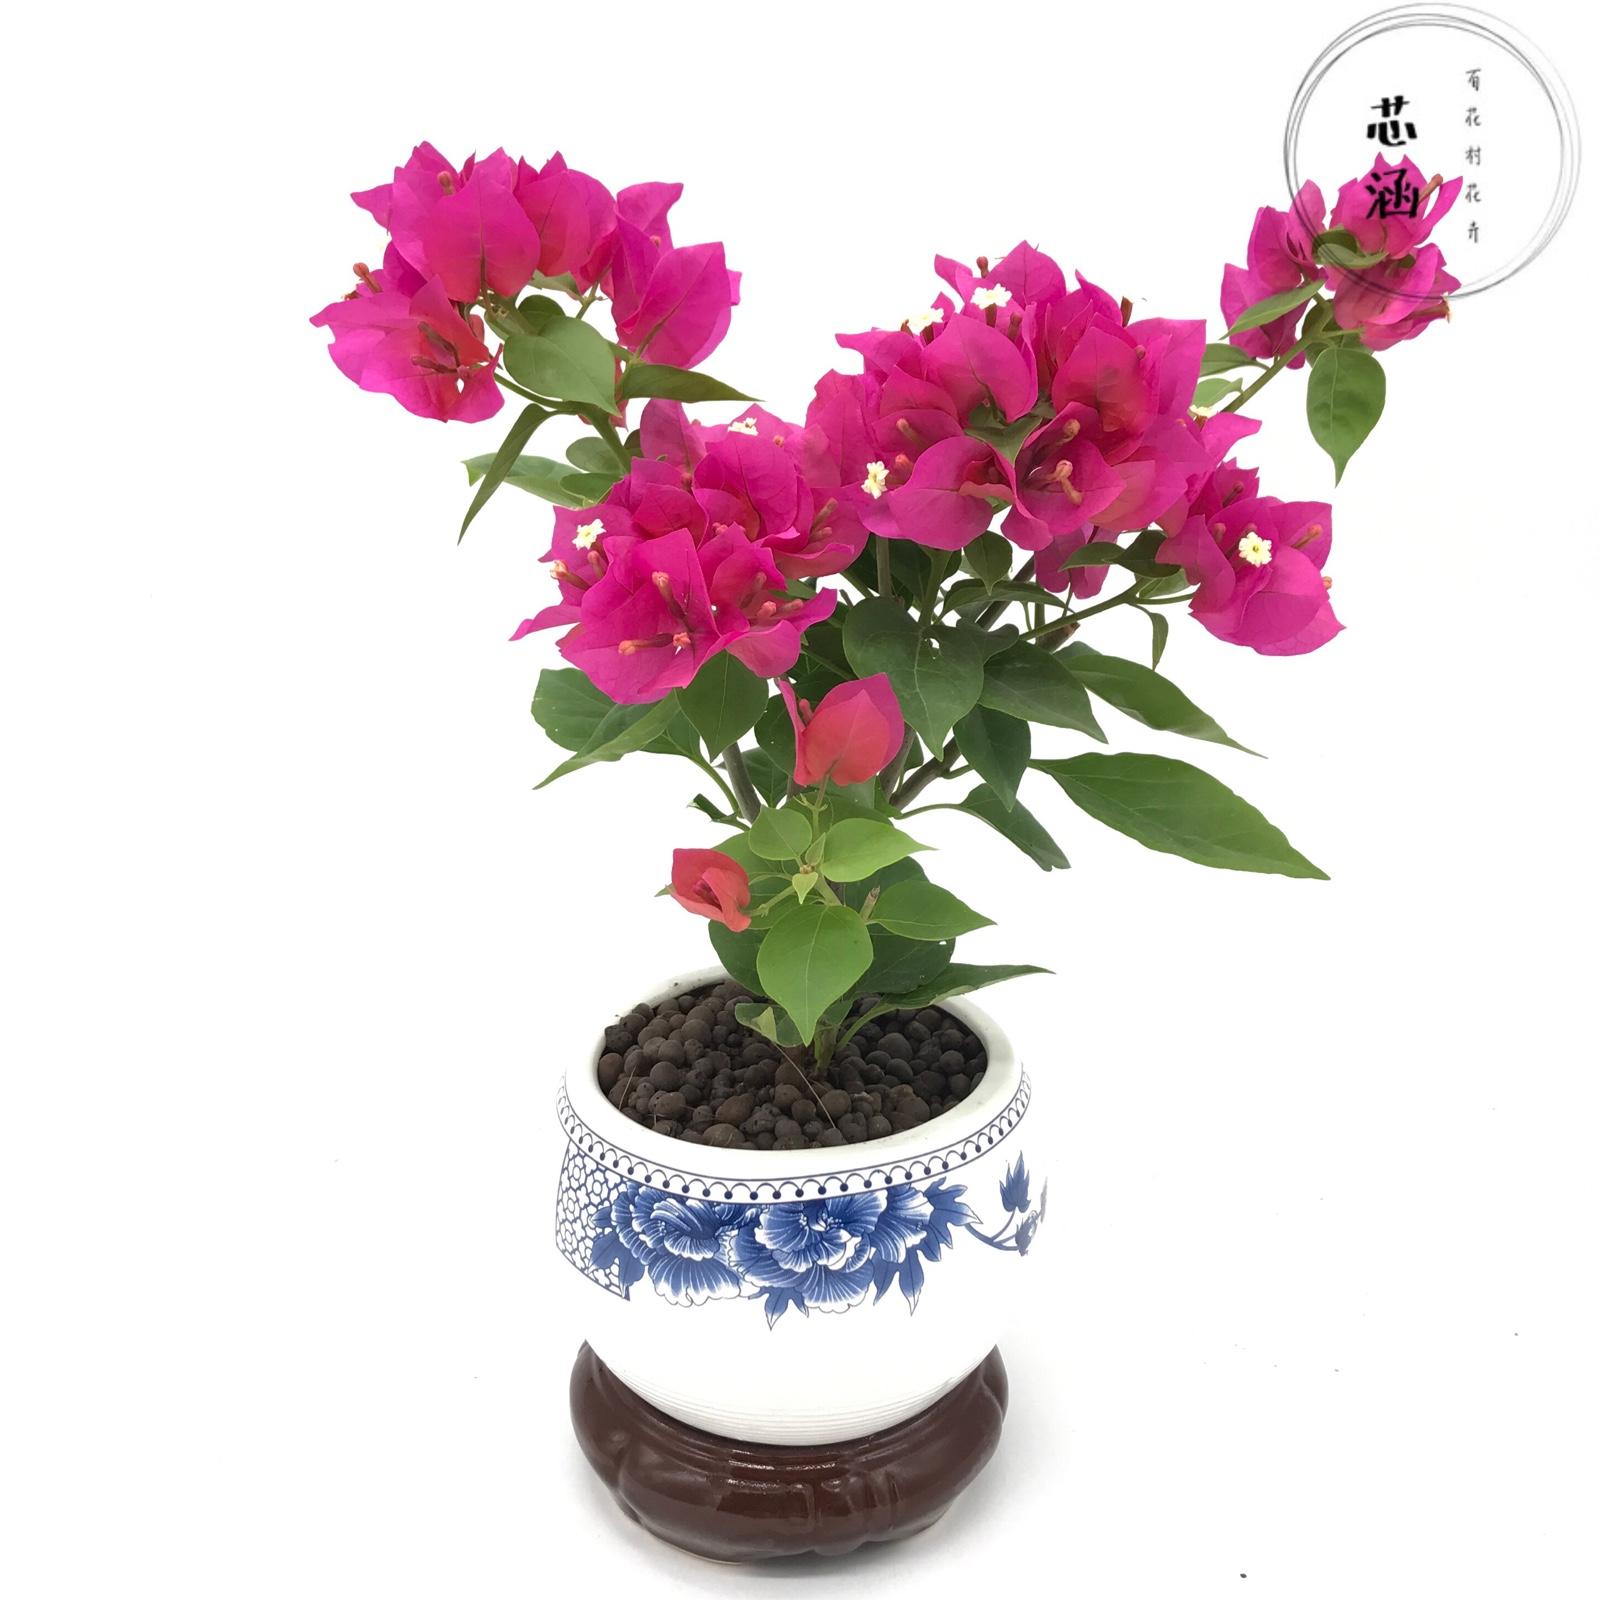 三角梅盆栽花卉四季带花发货阳台庭院室外木本植物潮州红好养盆景